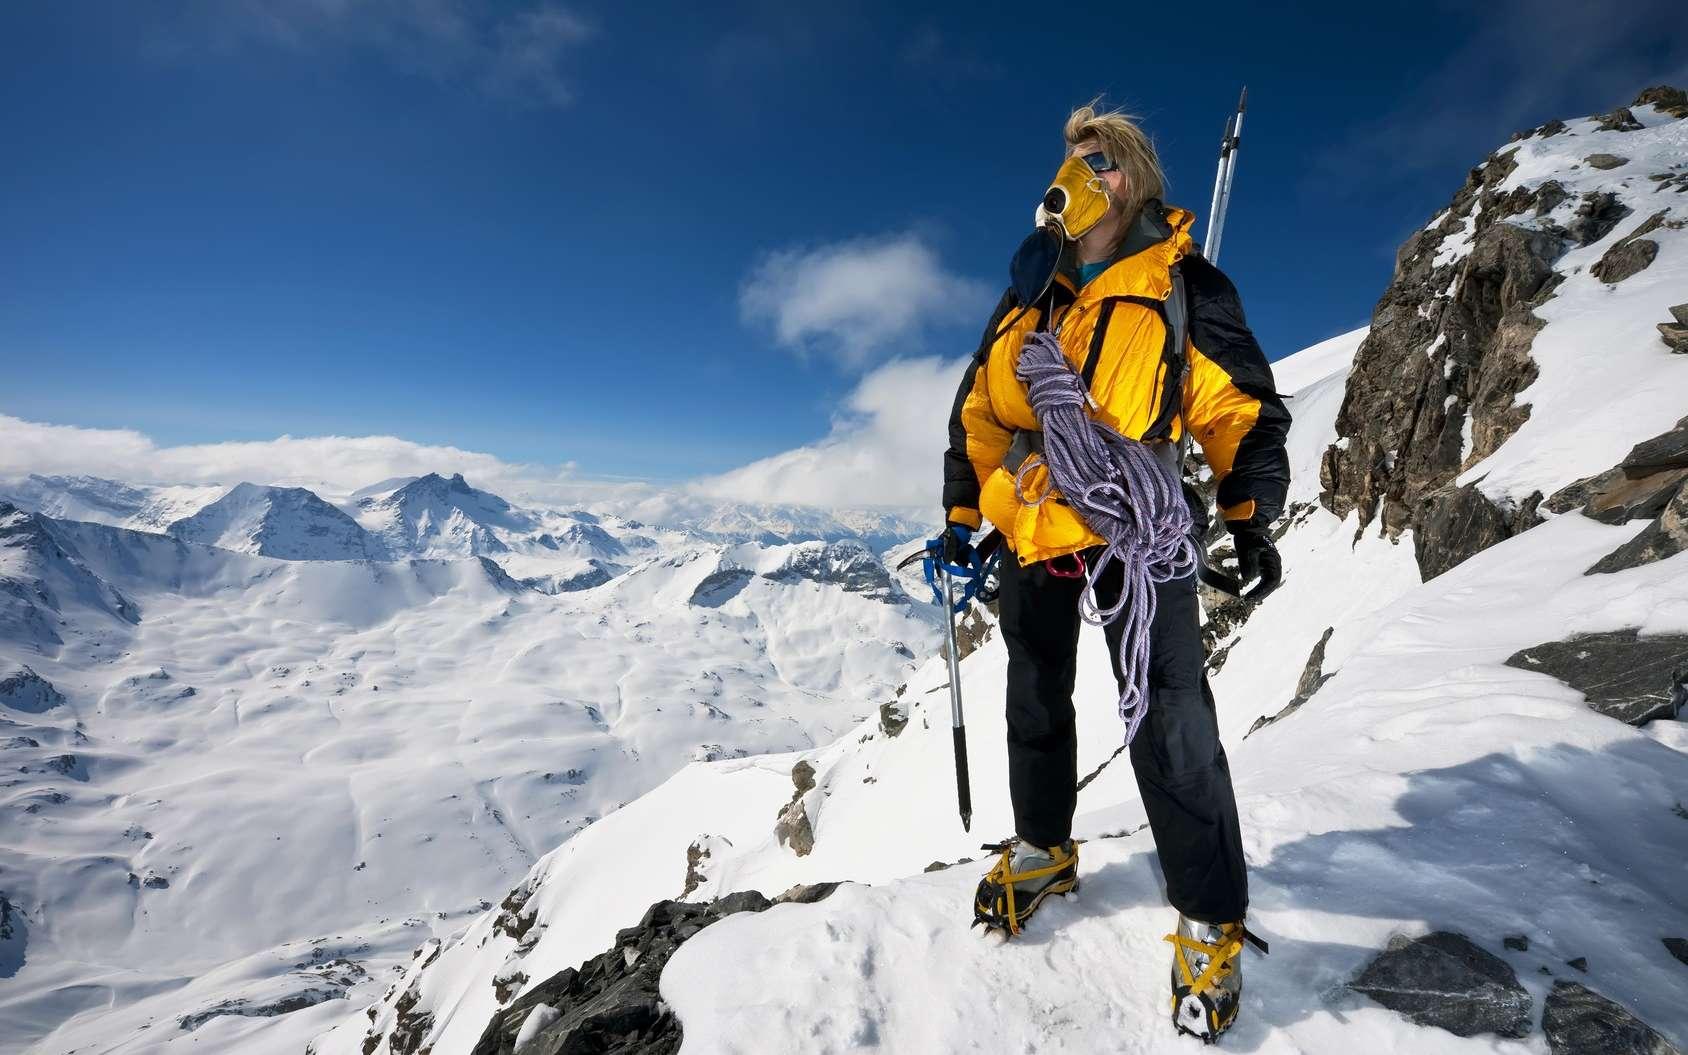 L'hypoxie peut toucher les alpinistes à haute altitude. © Rapt.Tv, Fotolia